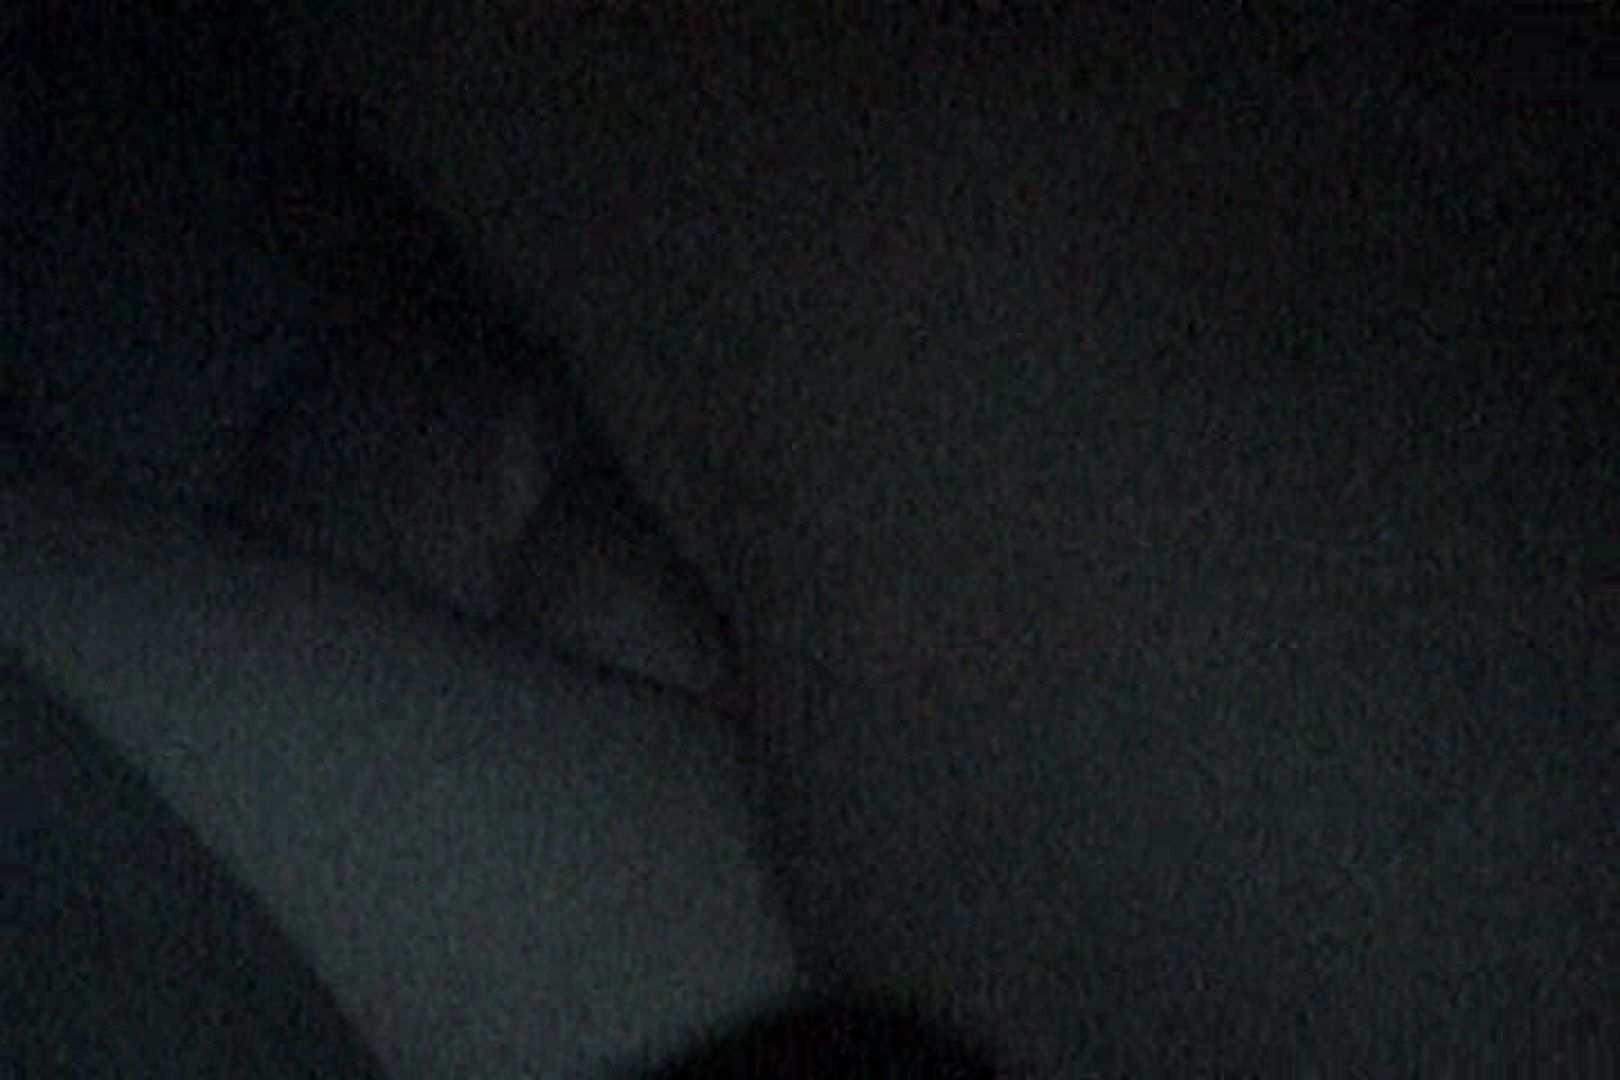 充血監督の深夜の運動会Vol.148 エロティックなOL  88画像 21